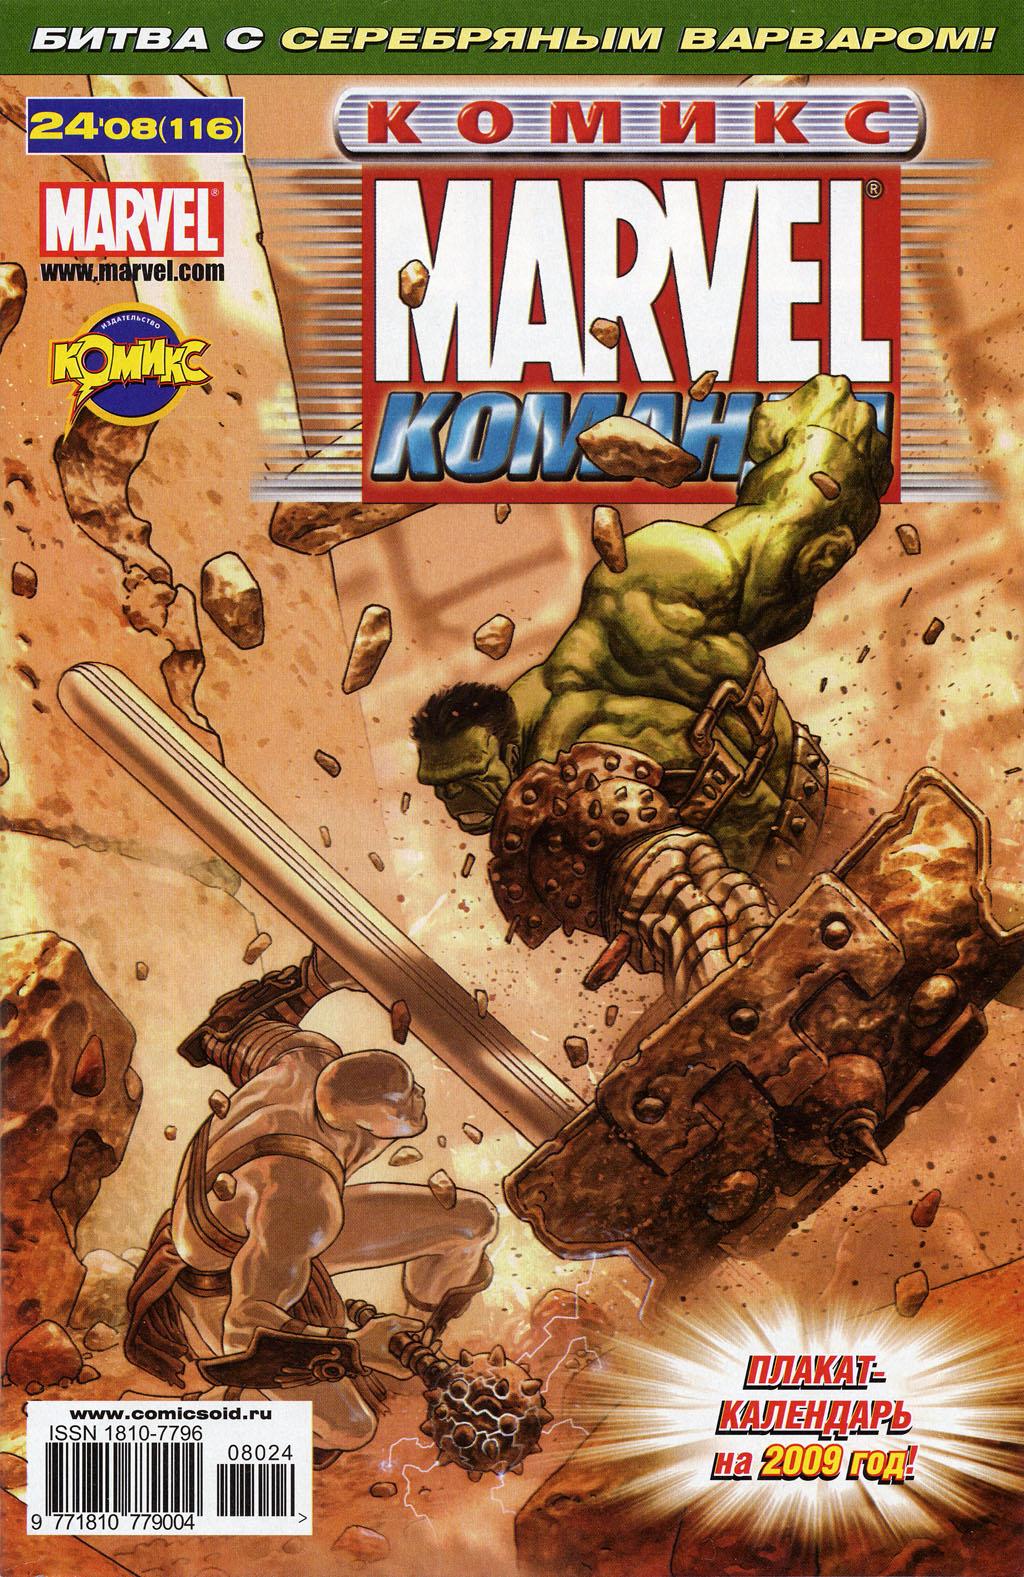 Комиксы Онлайн - Марвел Команда ИДК - # 95 - Страница №1 - Marvel Команда ИДК - Marvel Команда # 116